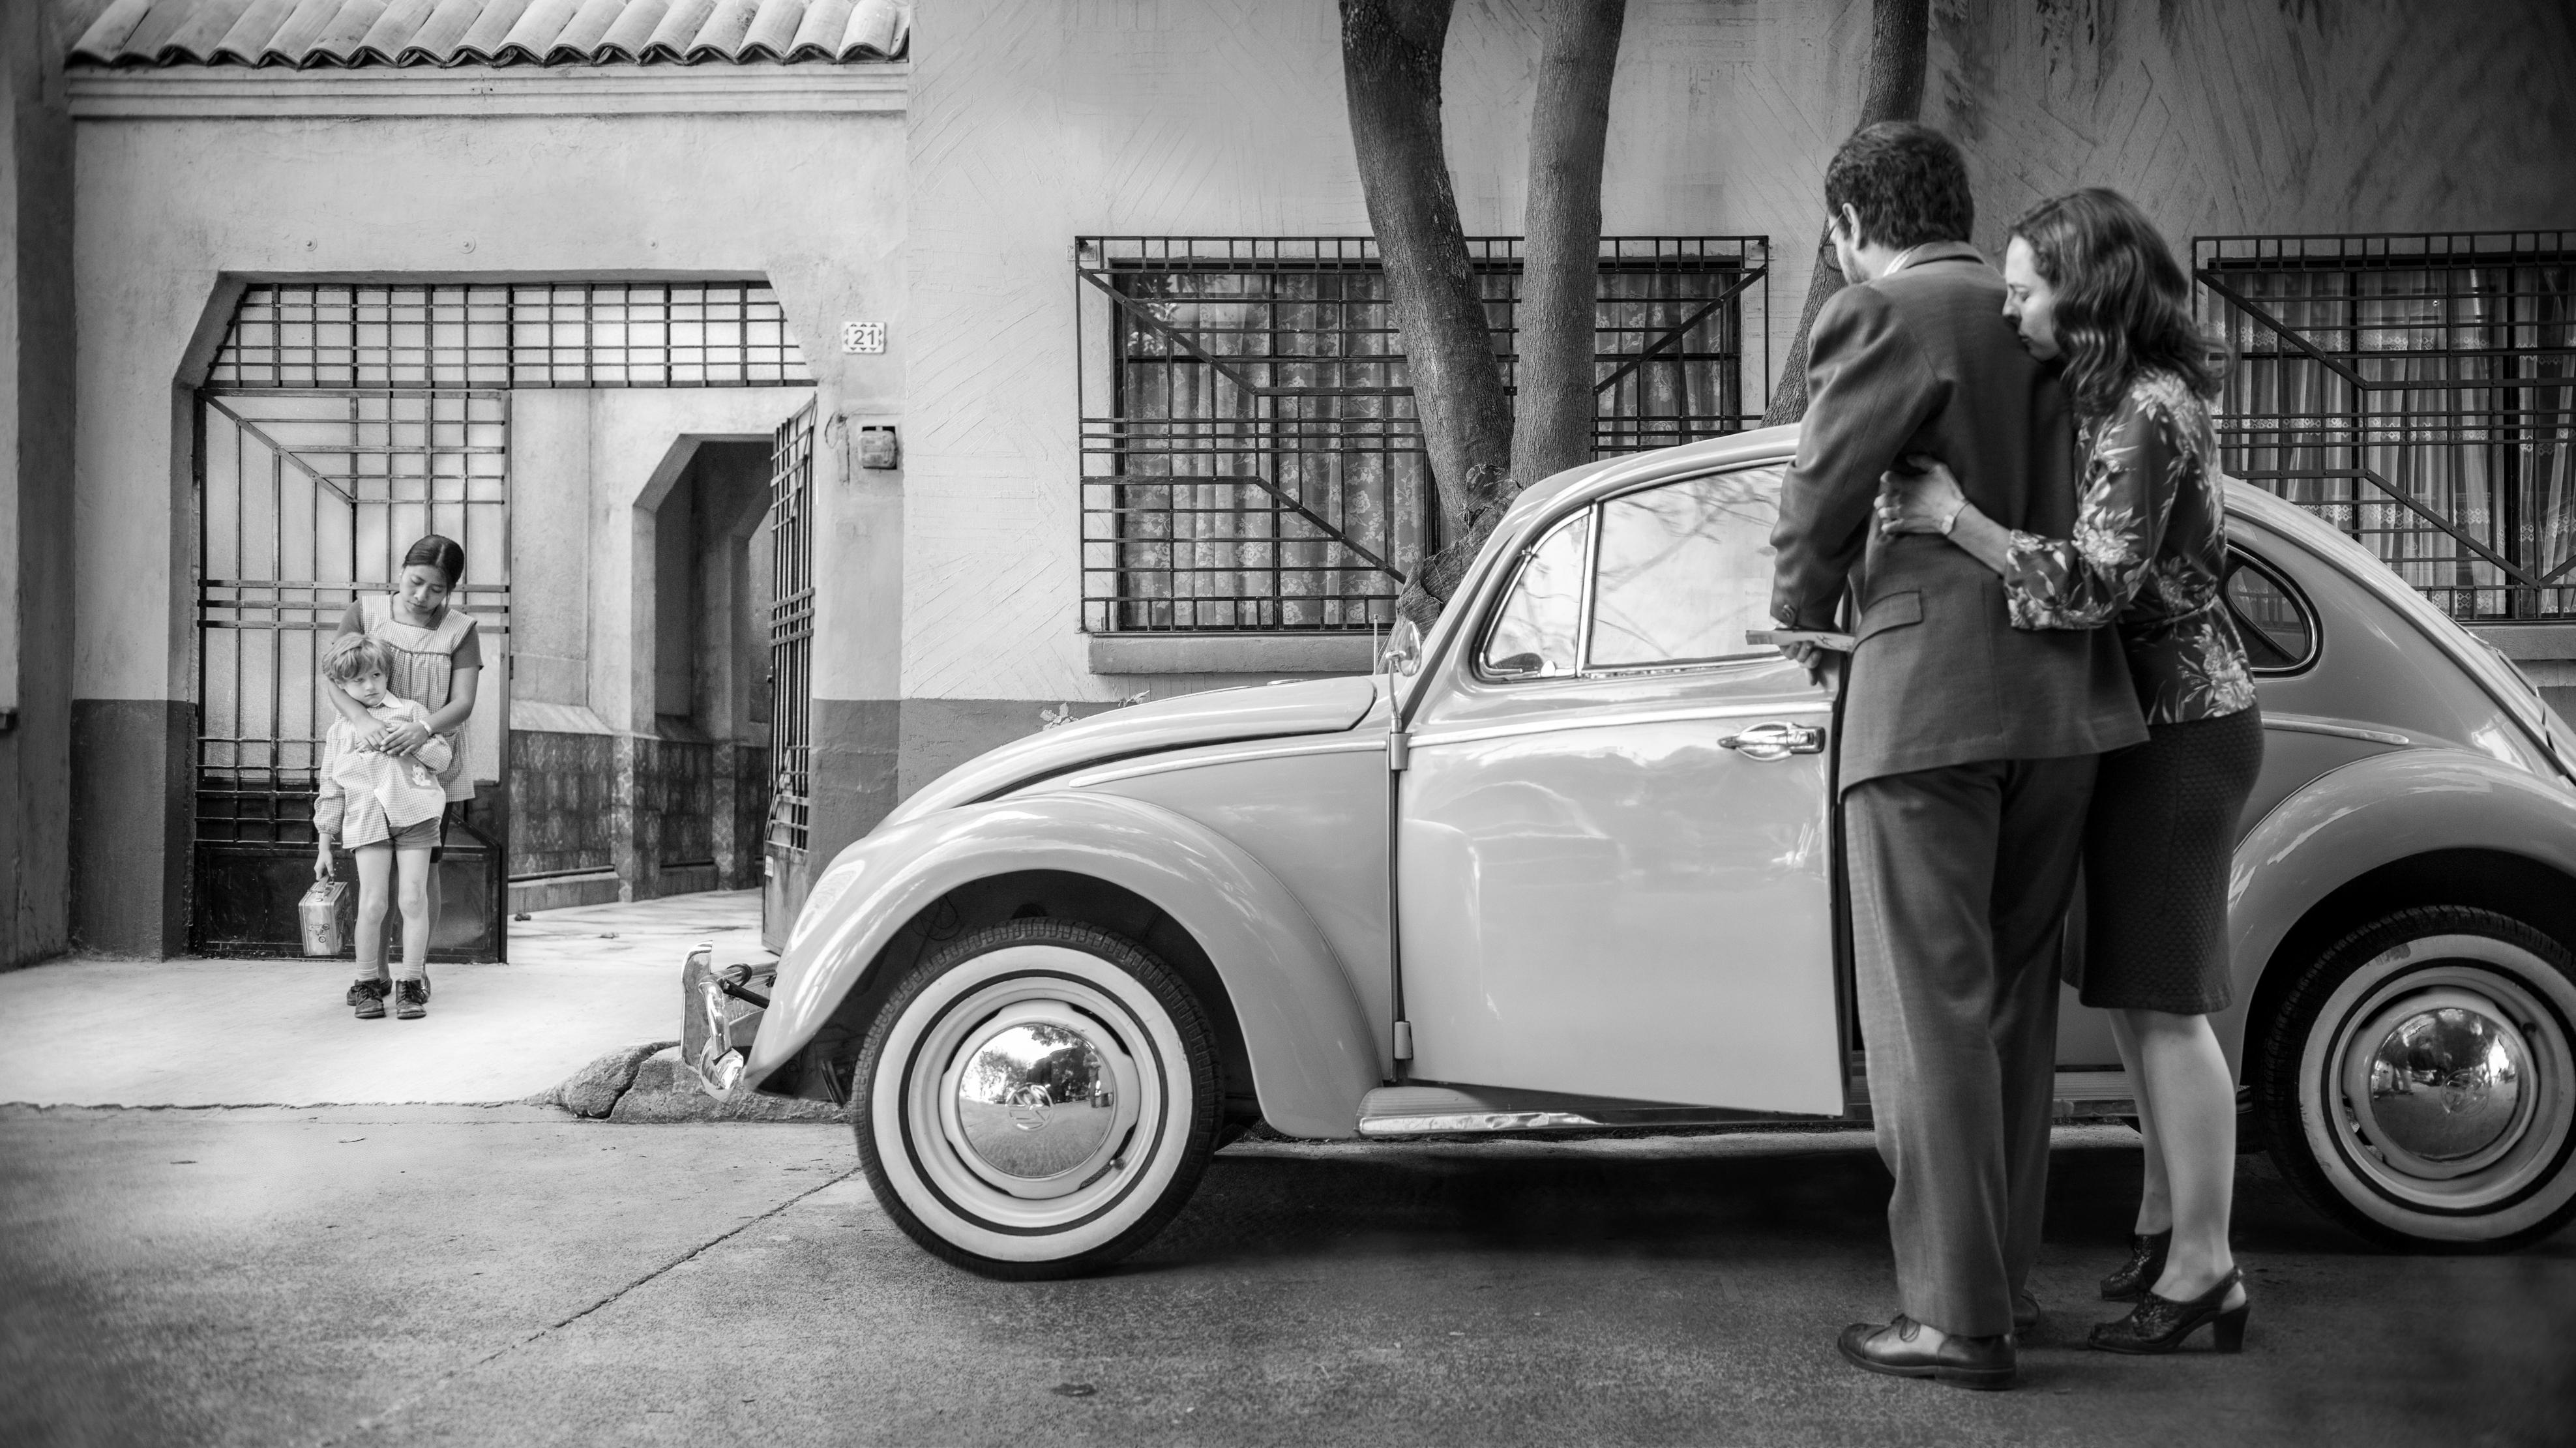 """Filmszene aus """"Roma"""": Ein Paar neben einem VW-Käfer vor einem Haus, Kindermädchen und Kind stehen vor dem Hoftor."""